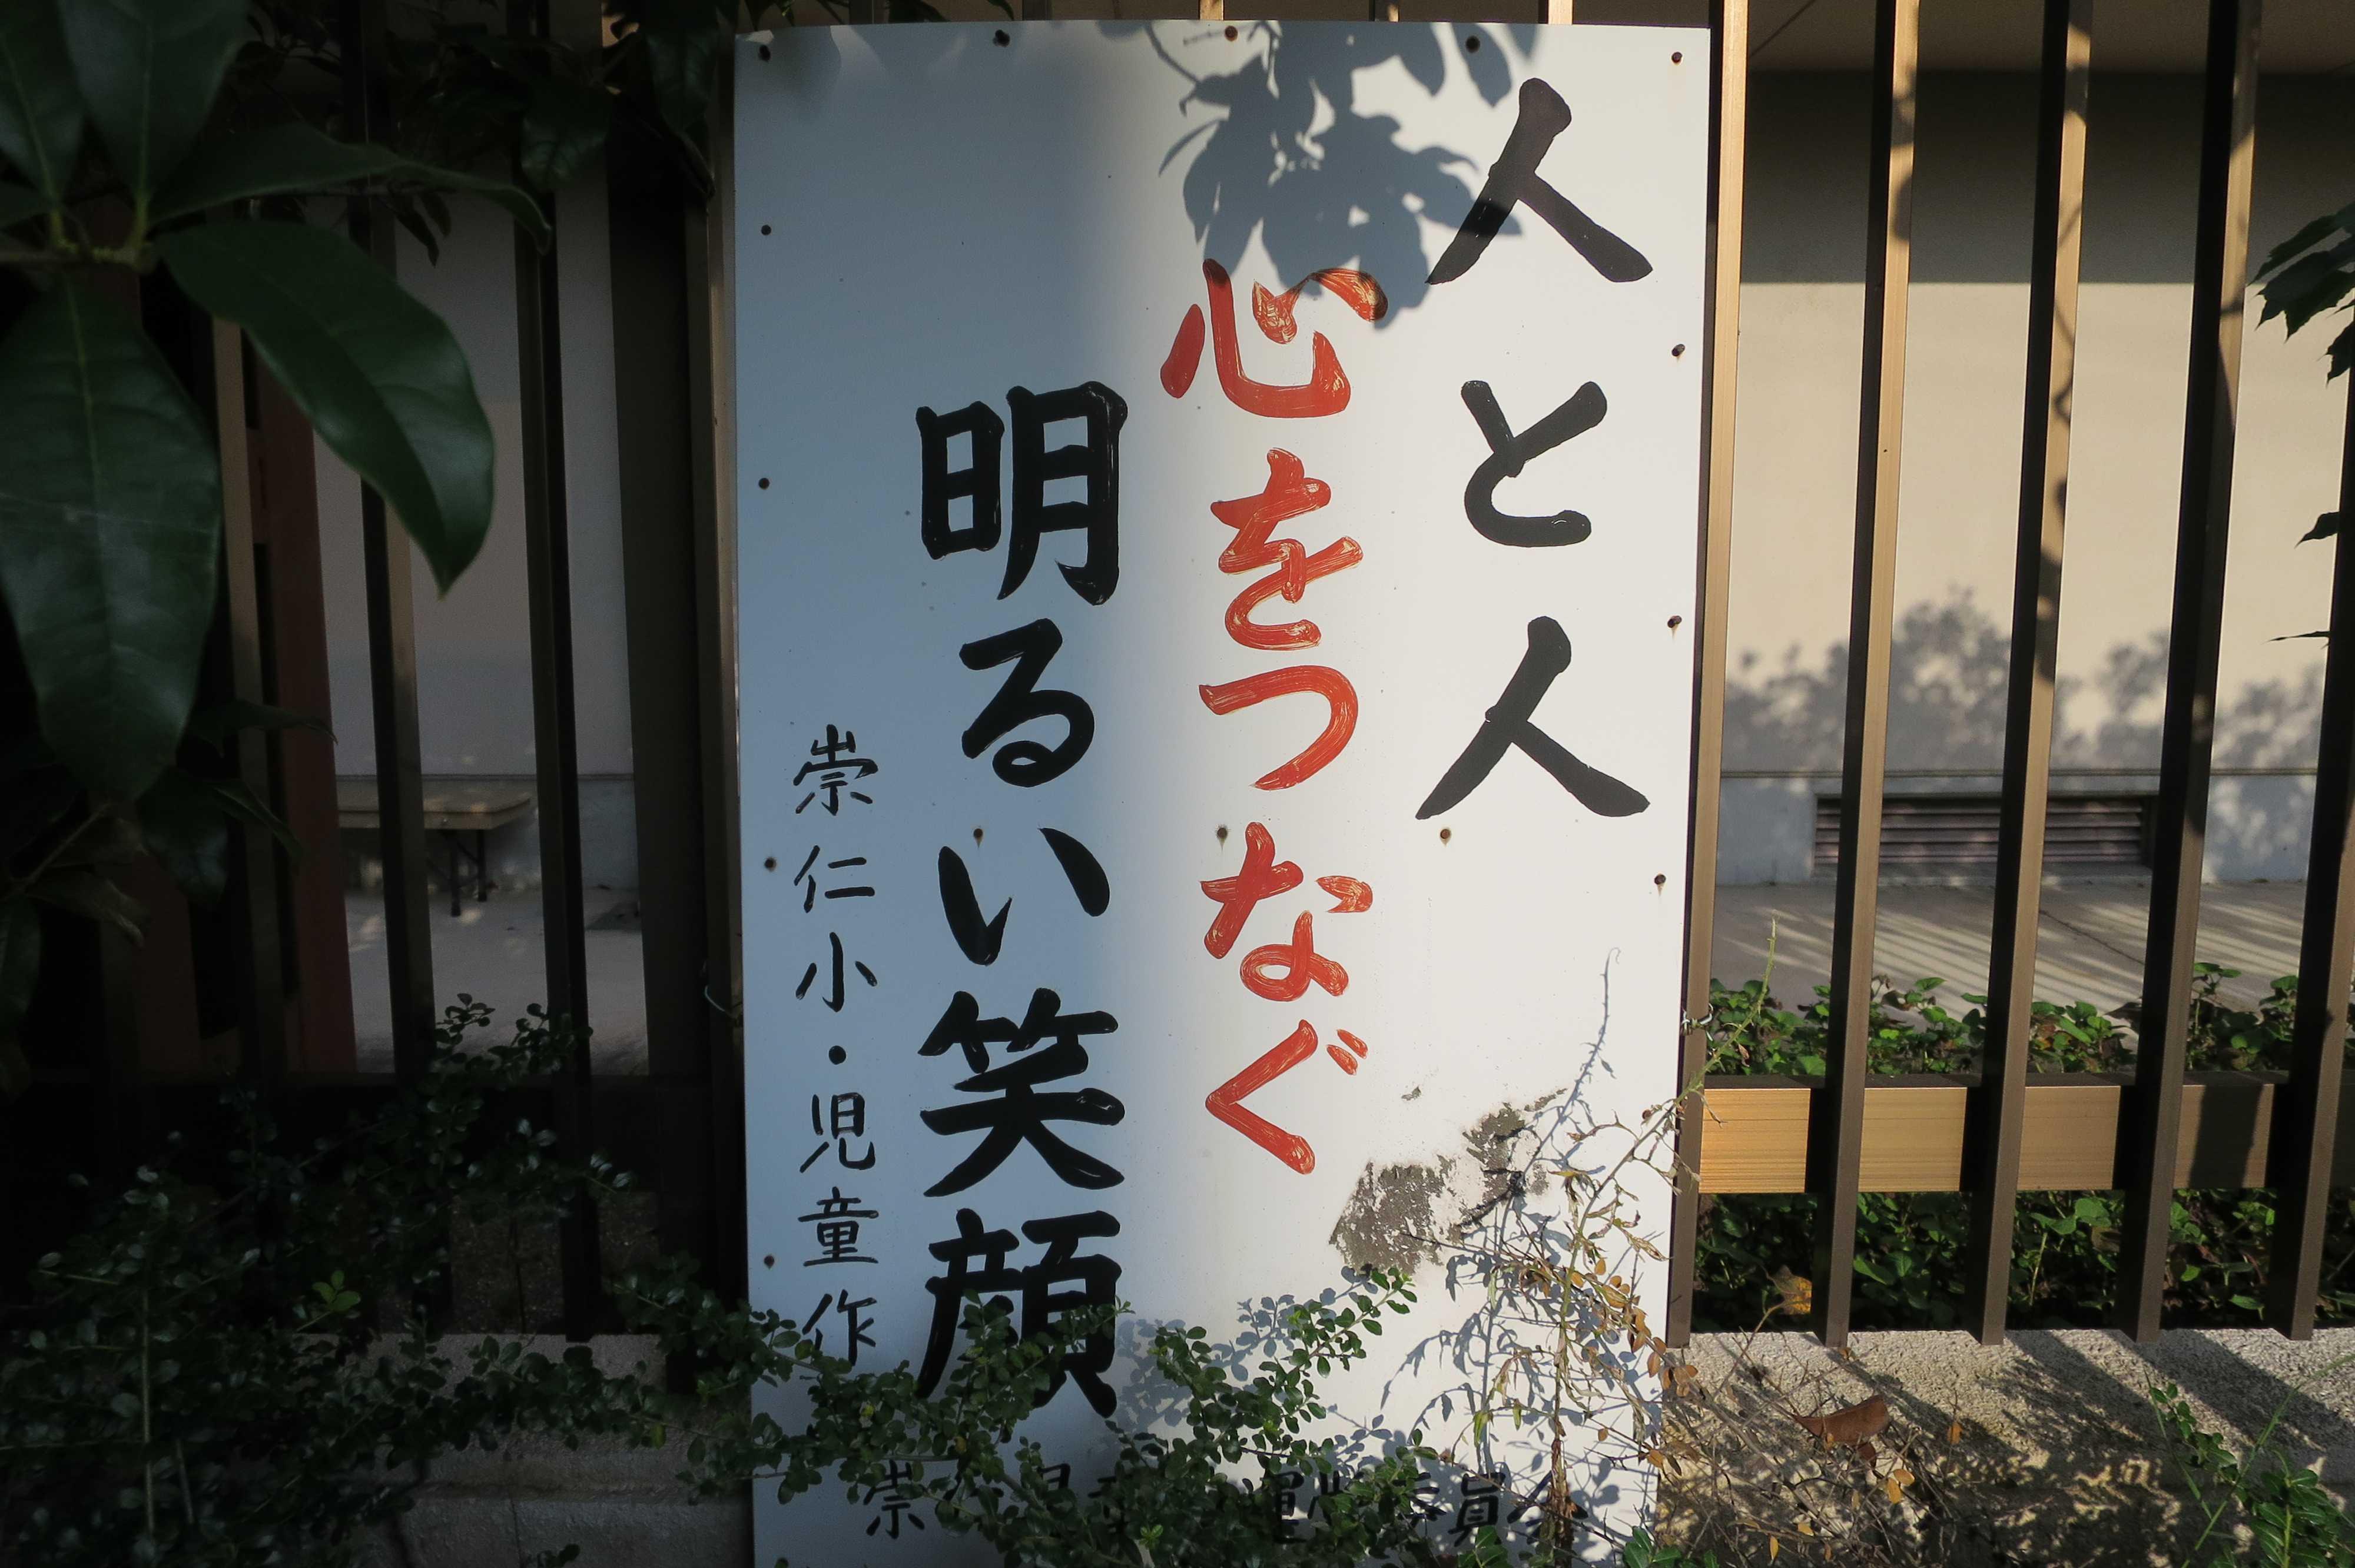 京都・崇仁地区 - 人と人 心をつなぐ 明るい笑顔 崇仁小・児童作品 崇仁児童館運営委員会